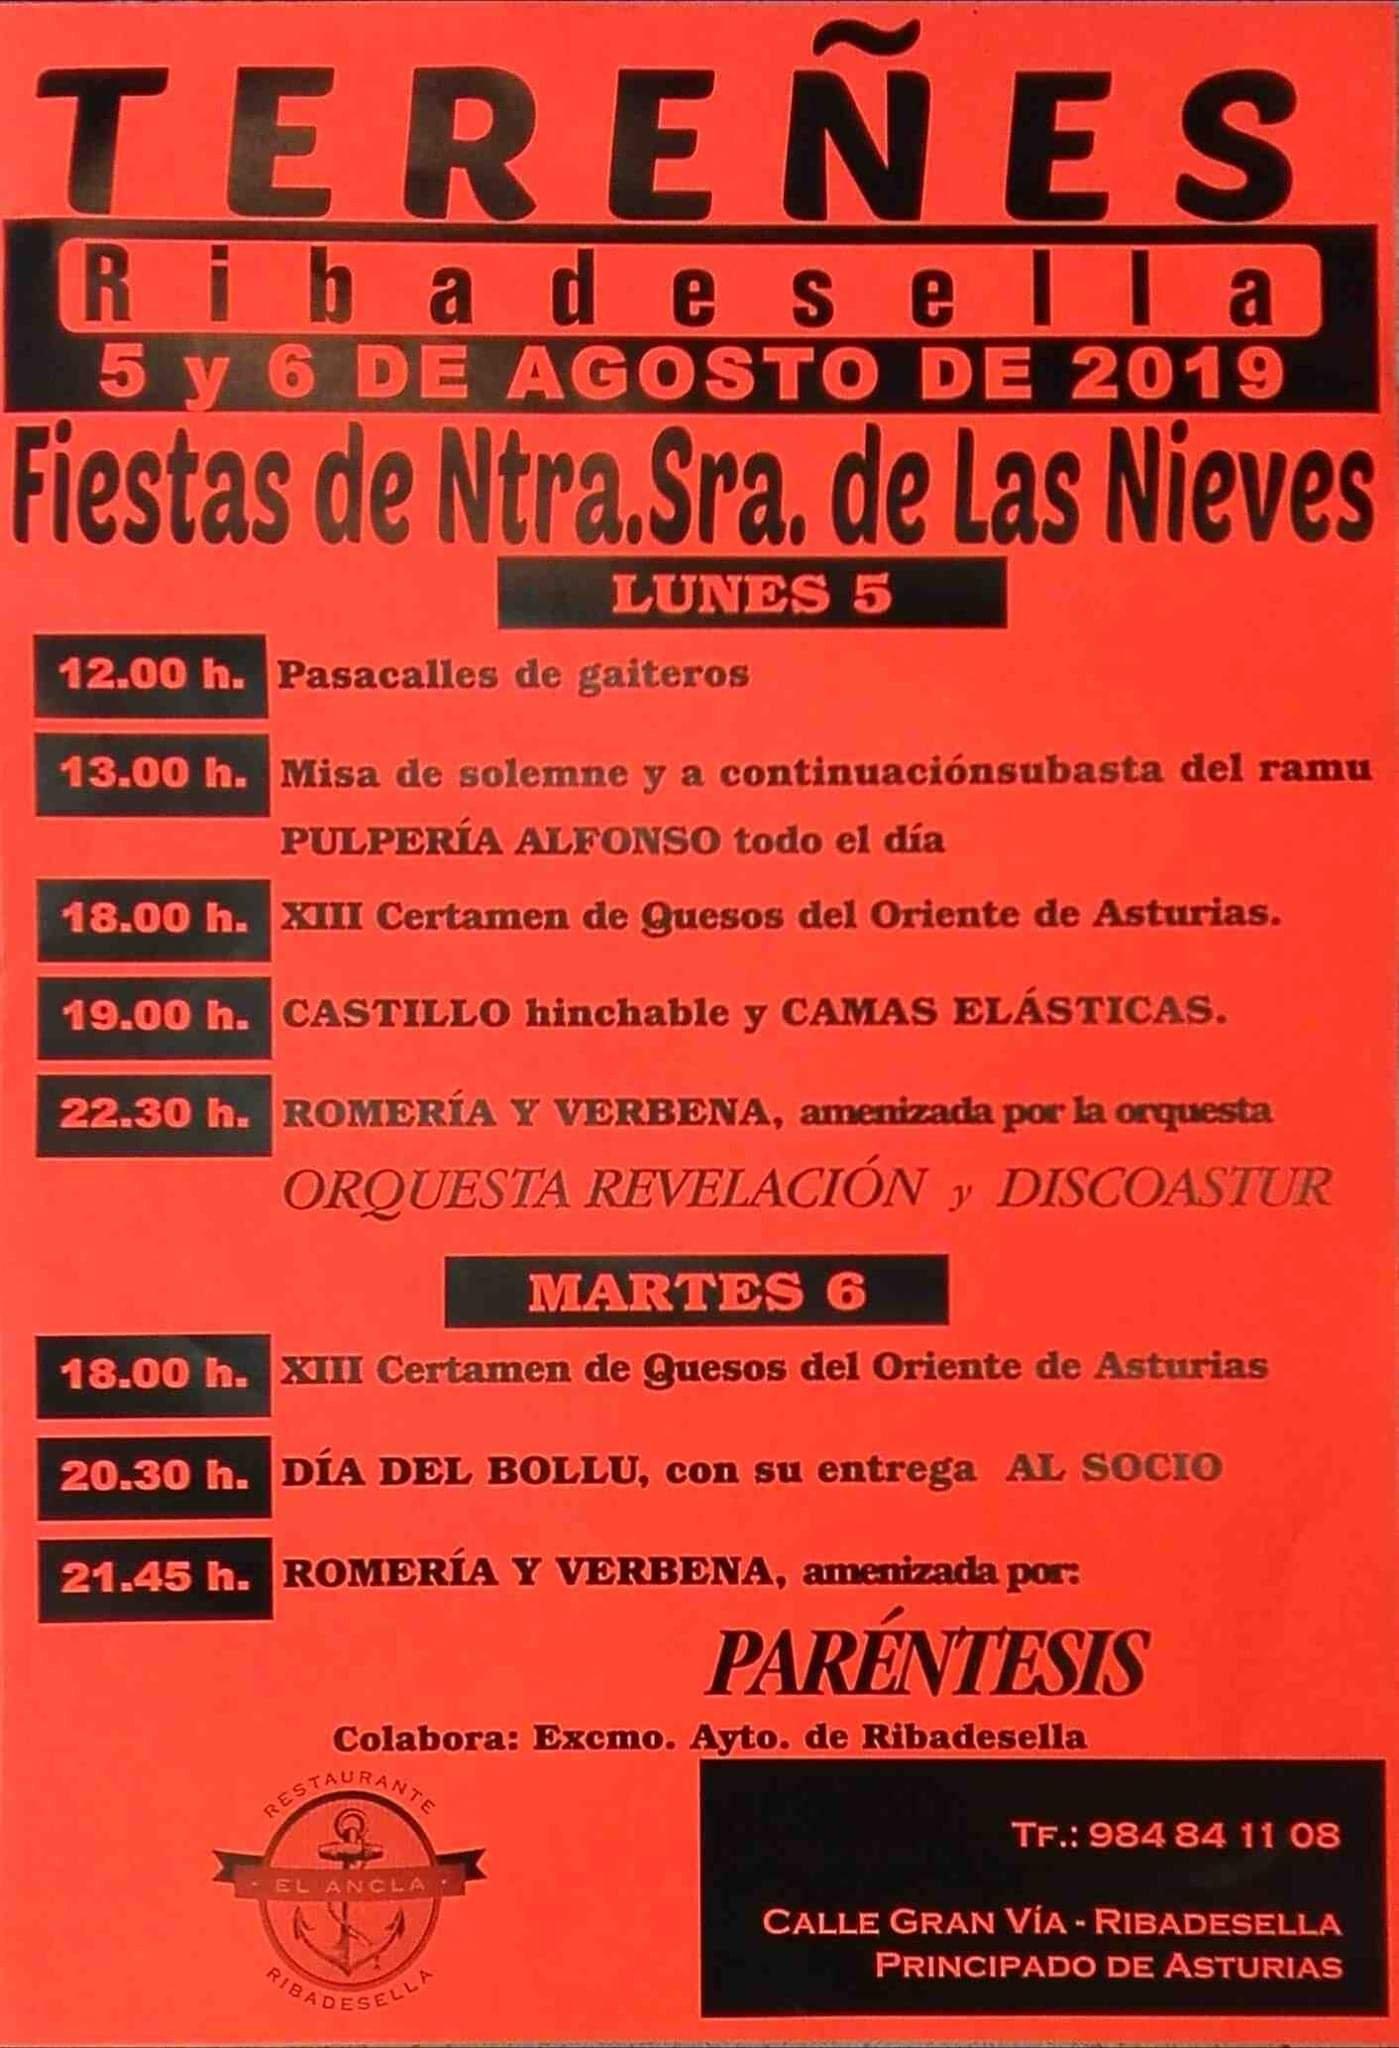 Fiestas de Nuestra Señora de Las Nieves 2019 - Tereñes (Asturias)